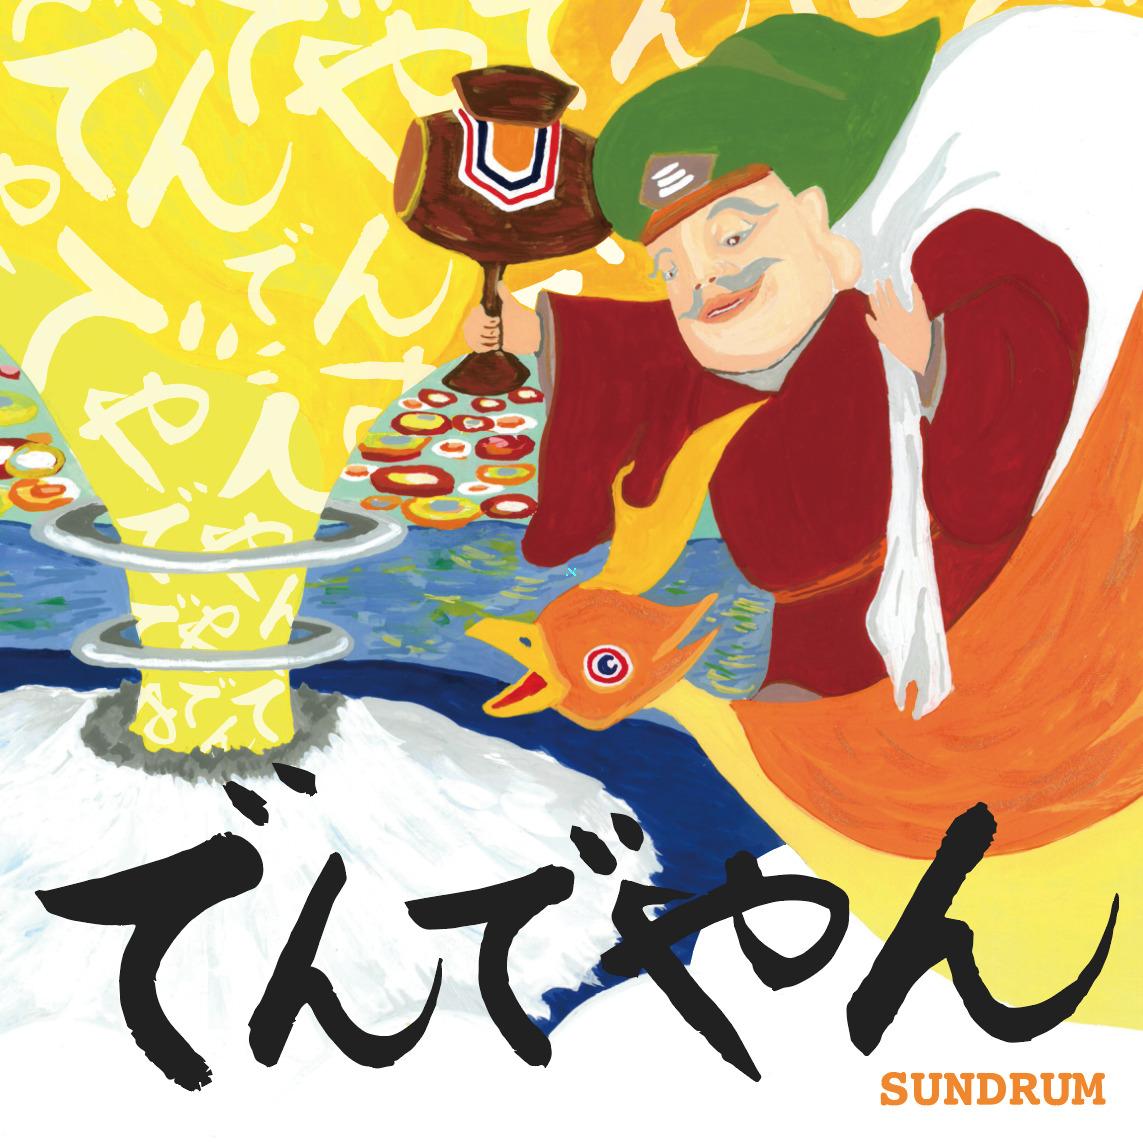 でんでやん / SUNDRUM (2017)